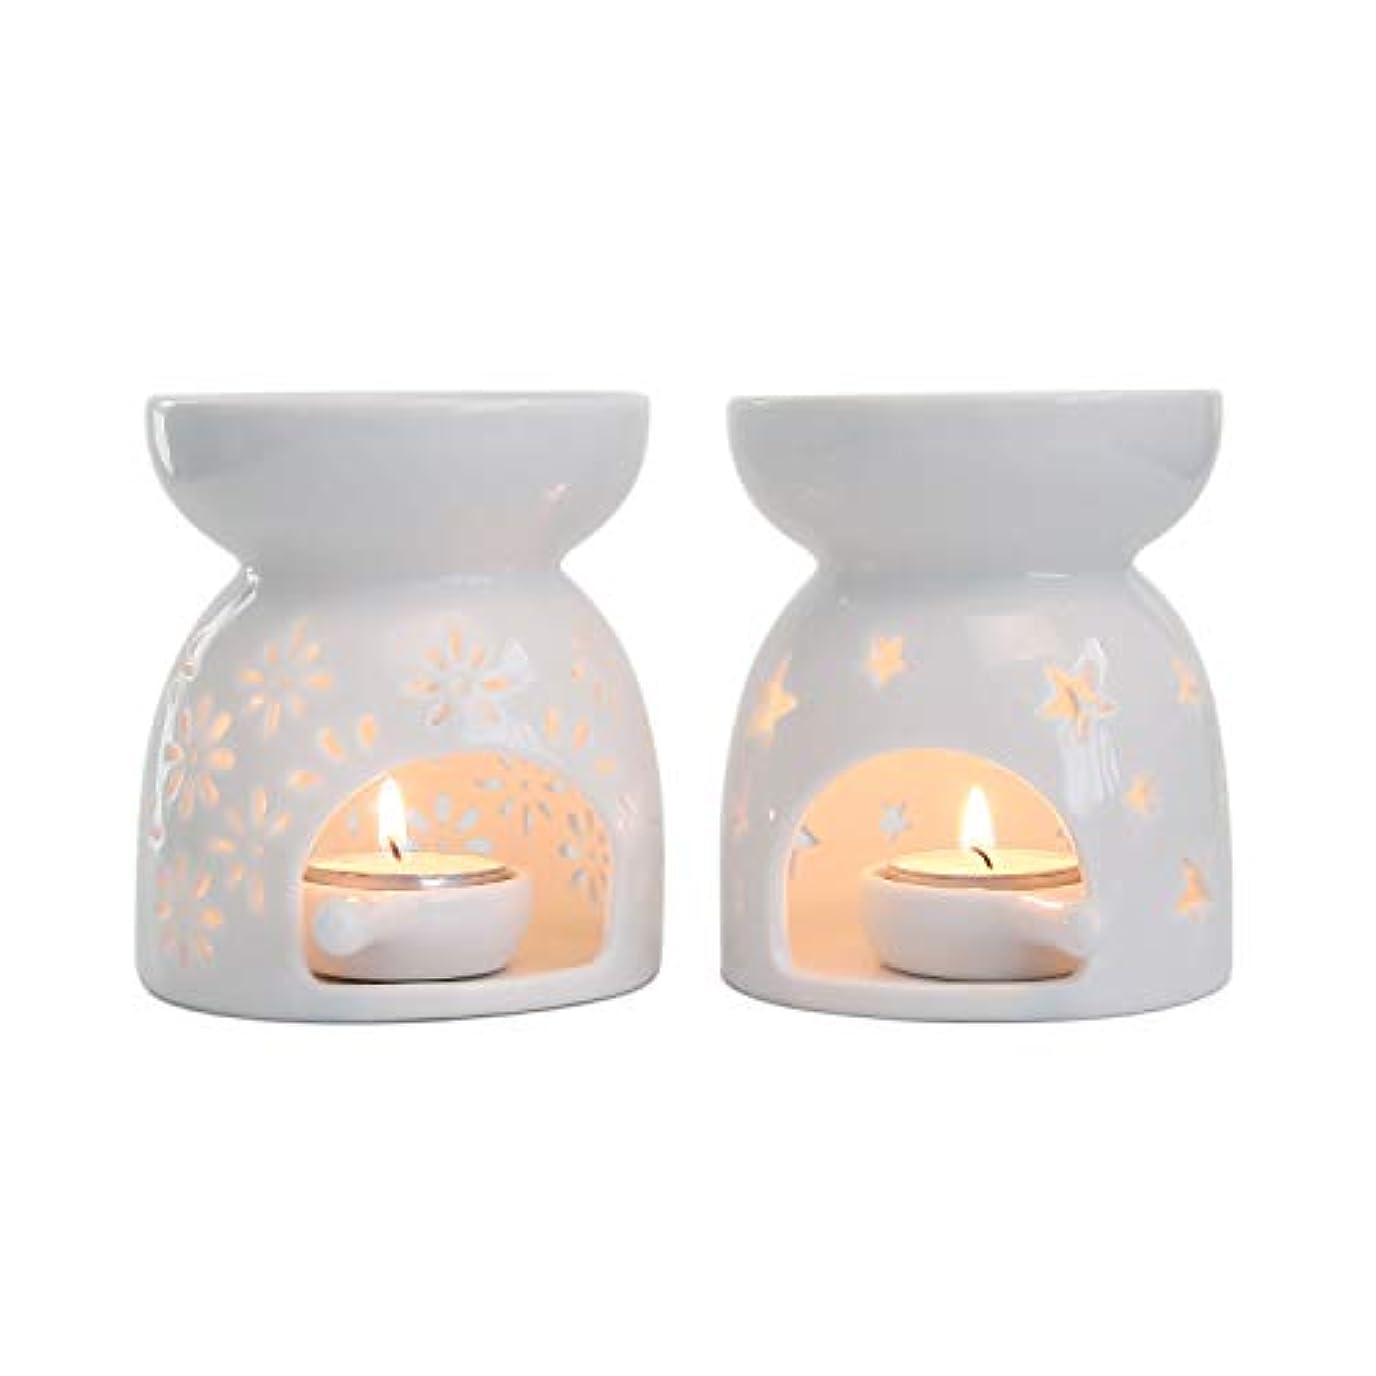 テナント昼間バンドRachel's Choice 陶製 アロマ ランプ ディフューザー アロマキャンドル キャンドルホルダー 花形&星形 ホワイト 2点セット